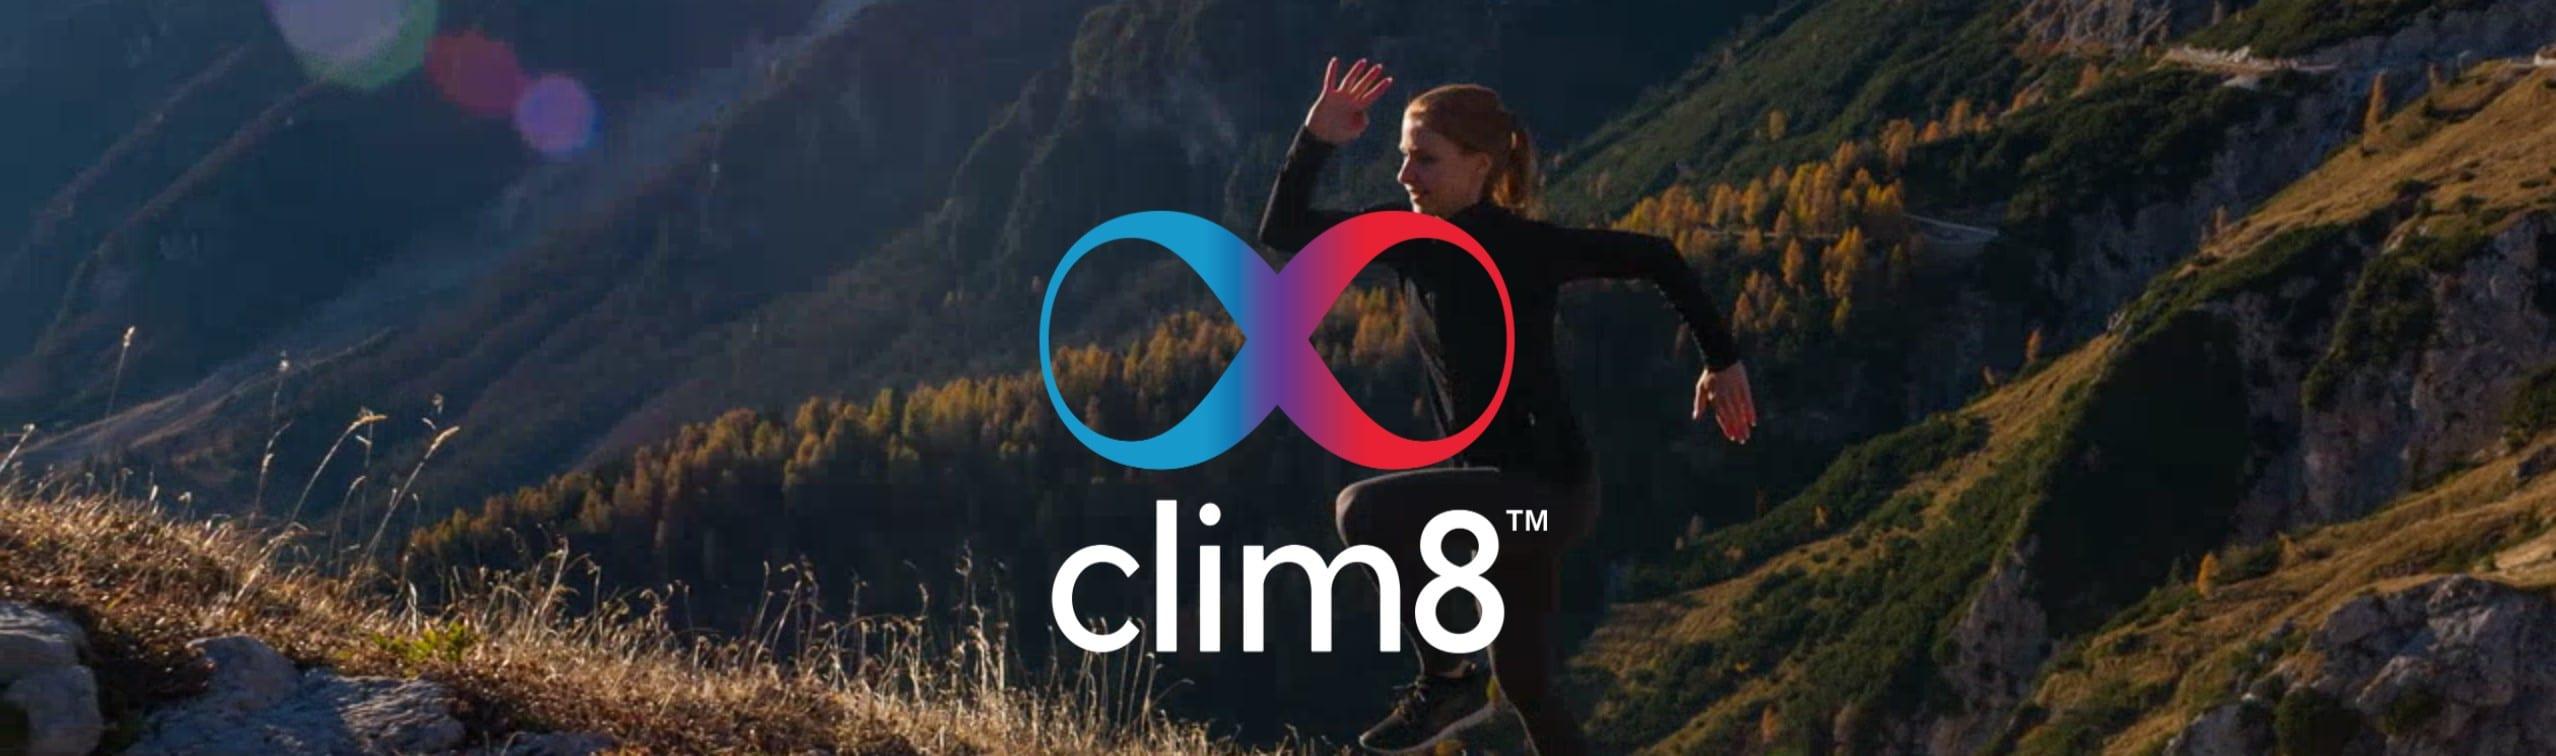 Clim8 sélectionnée dans le programme Bigbooster!